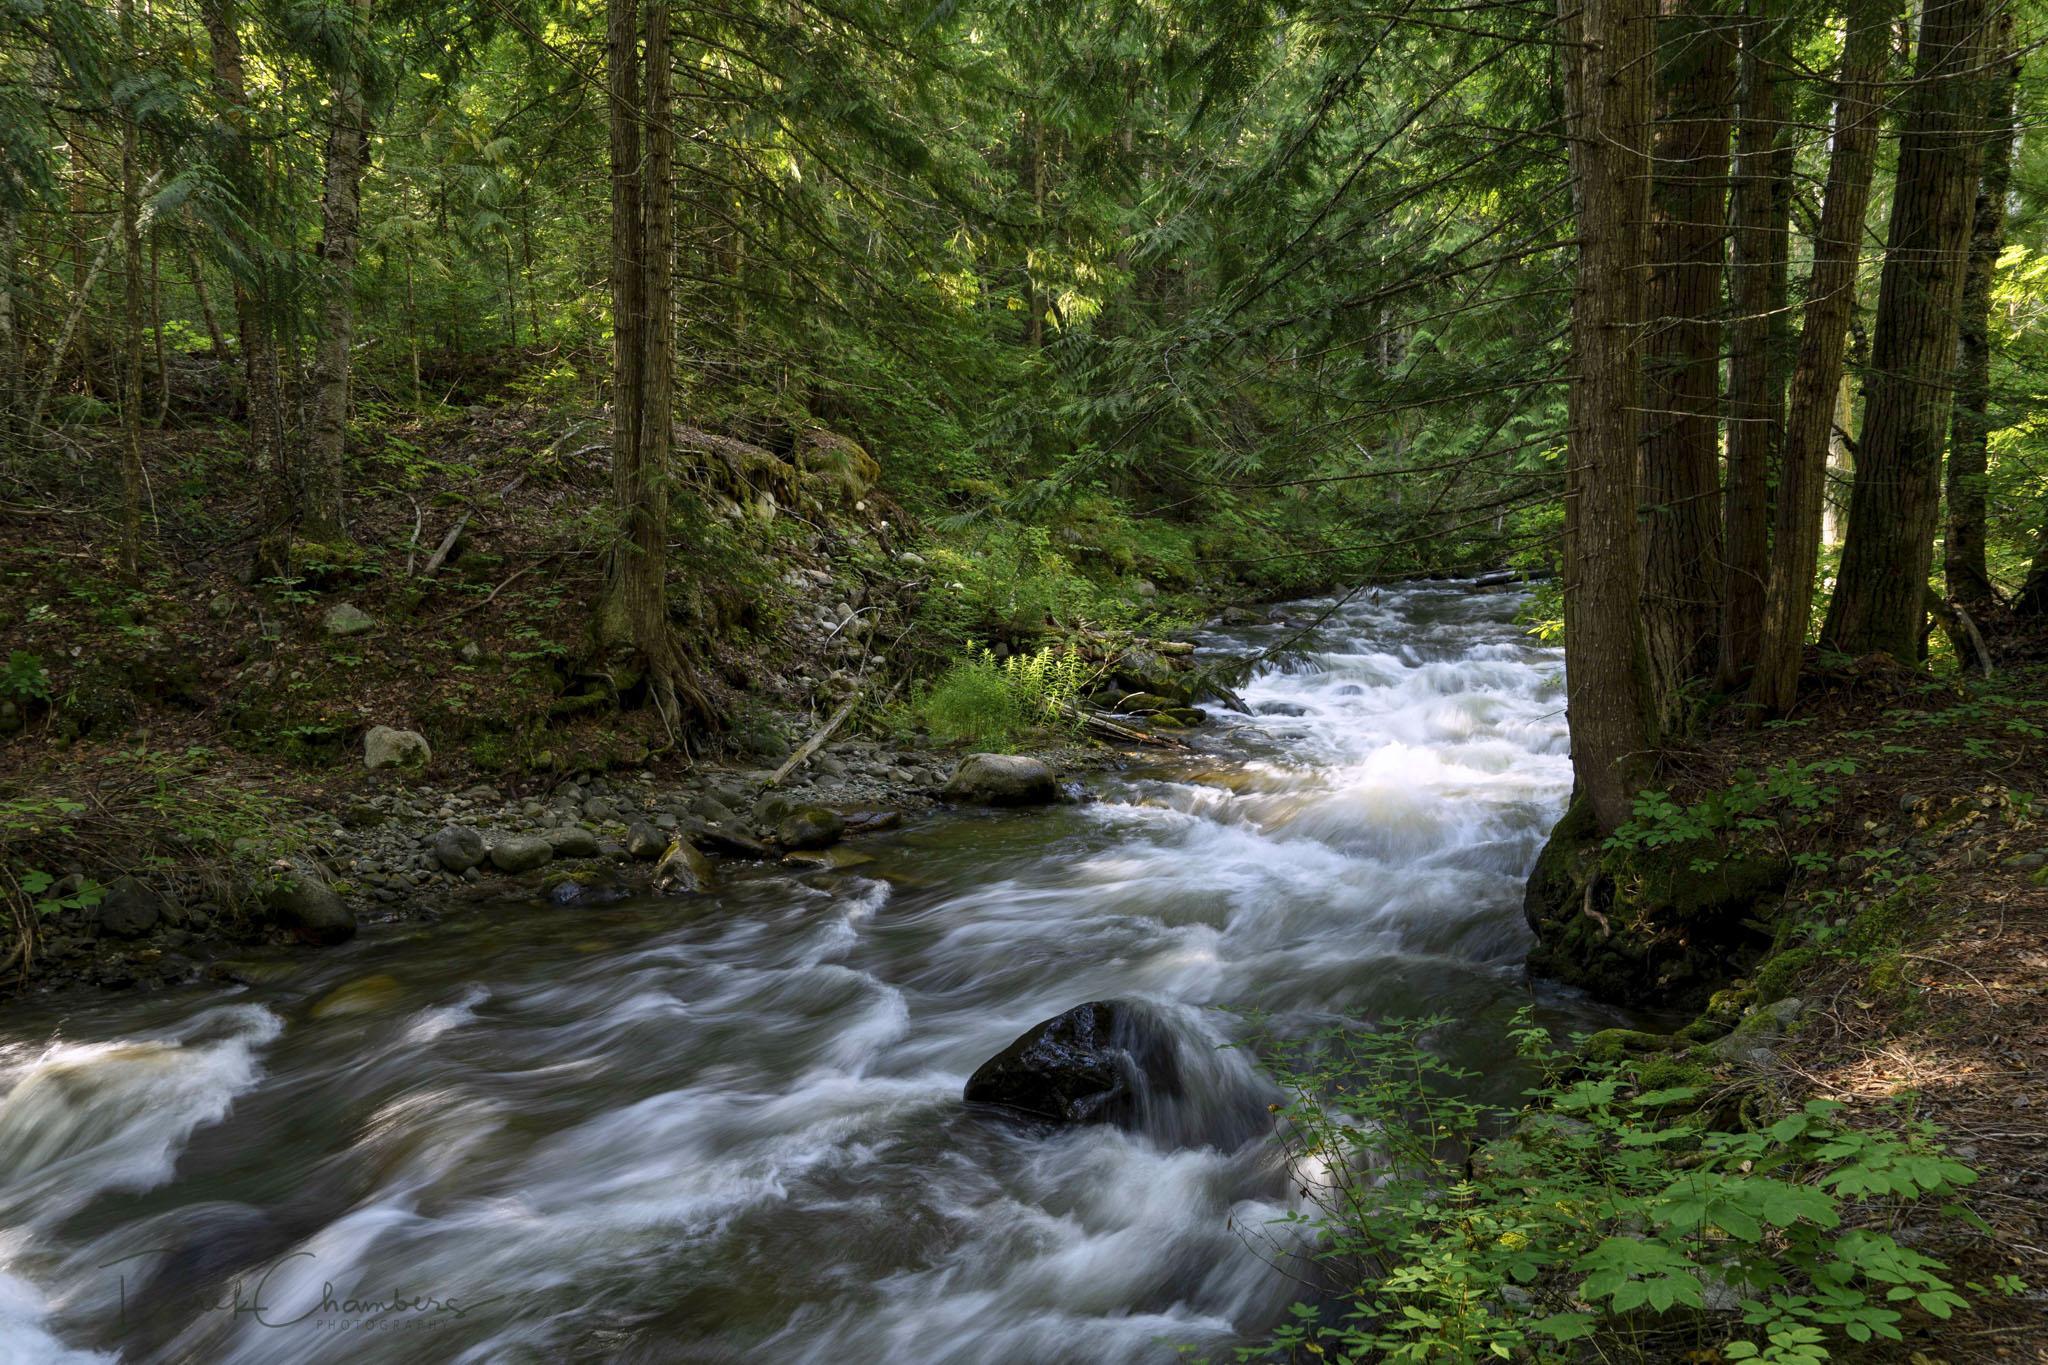 S1405 - Eakin Creek Canyon Park - Derek Chambers